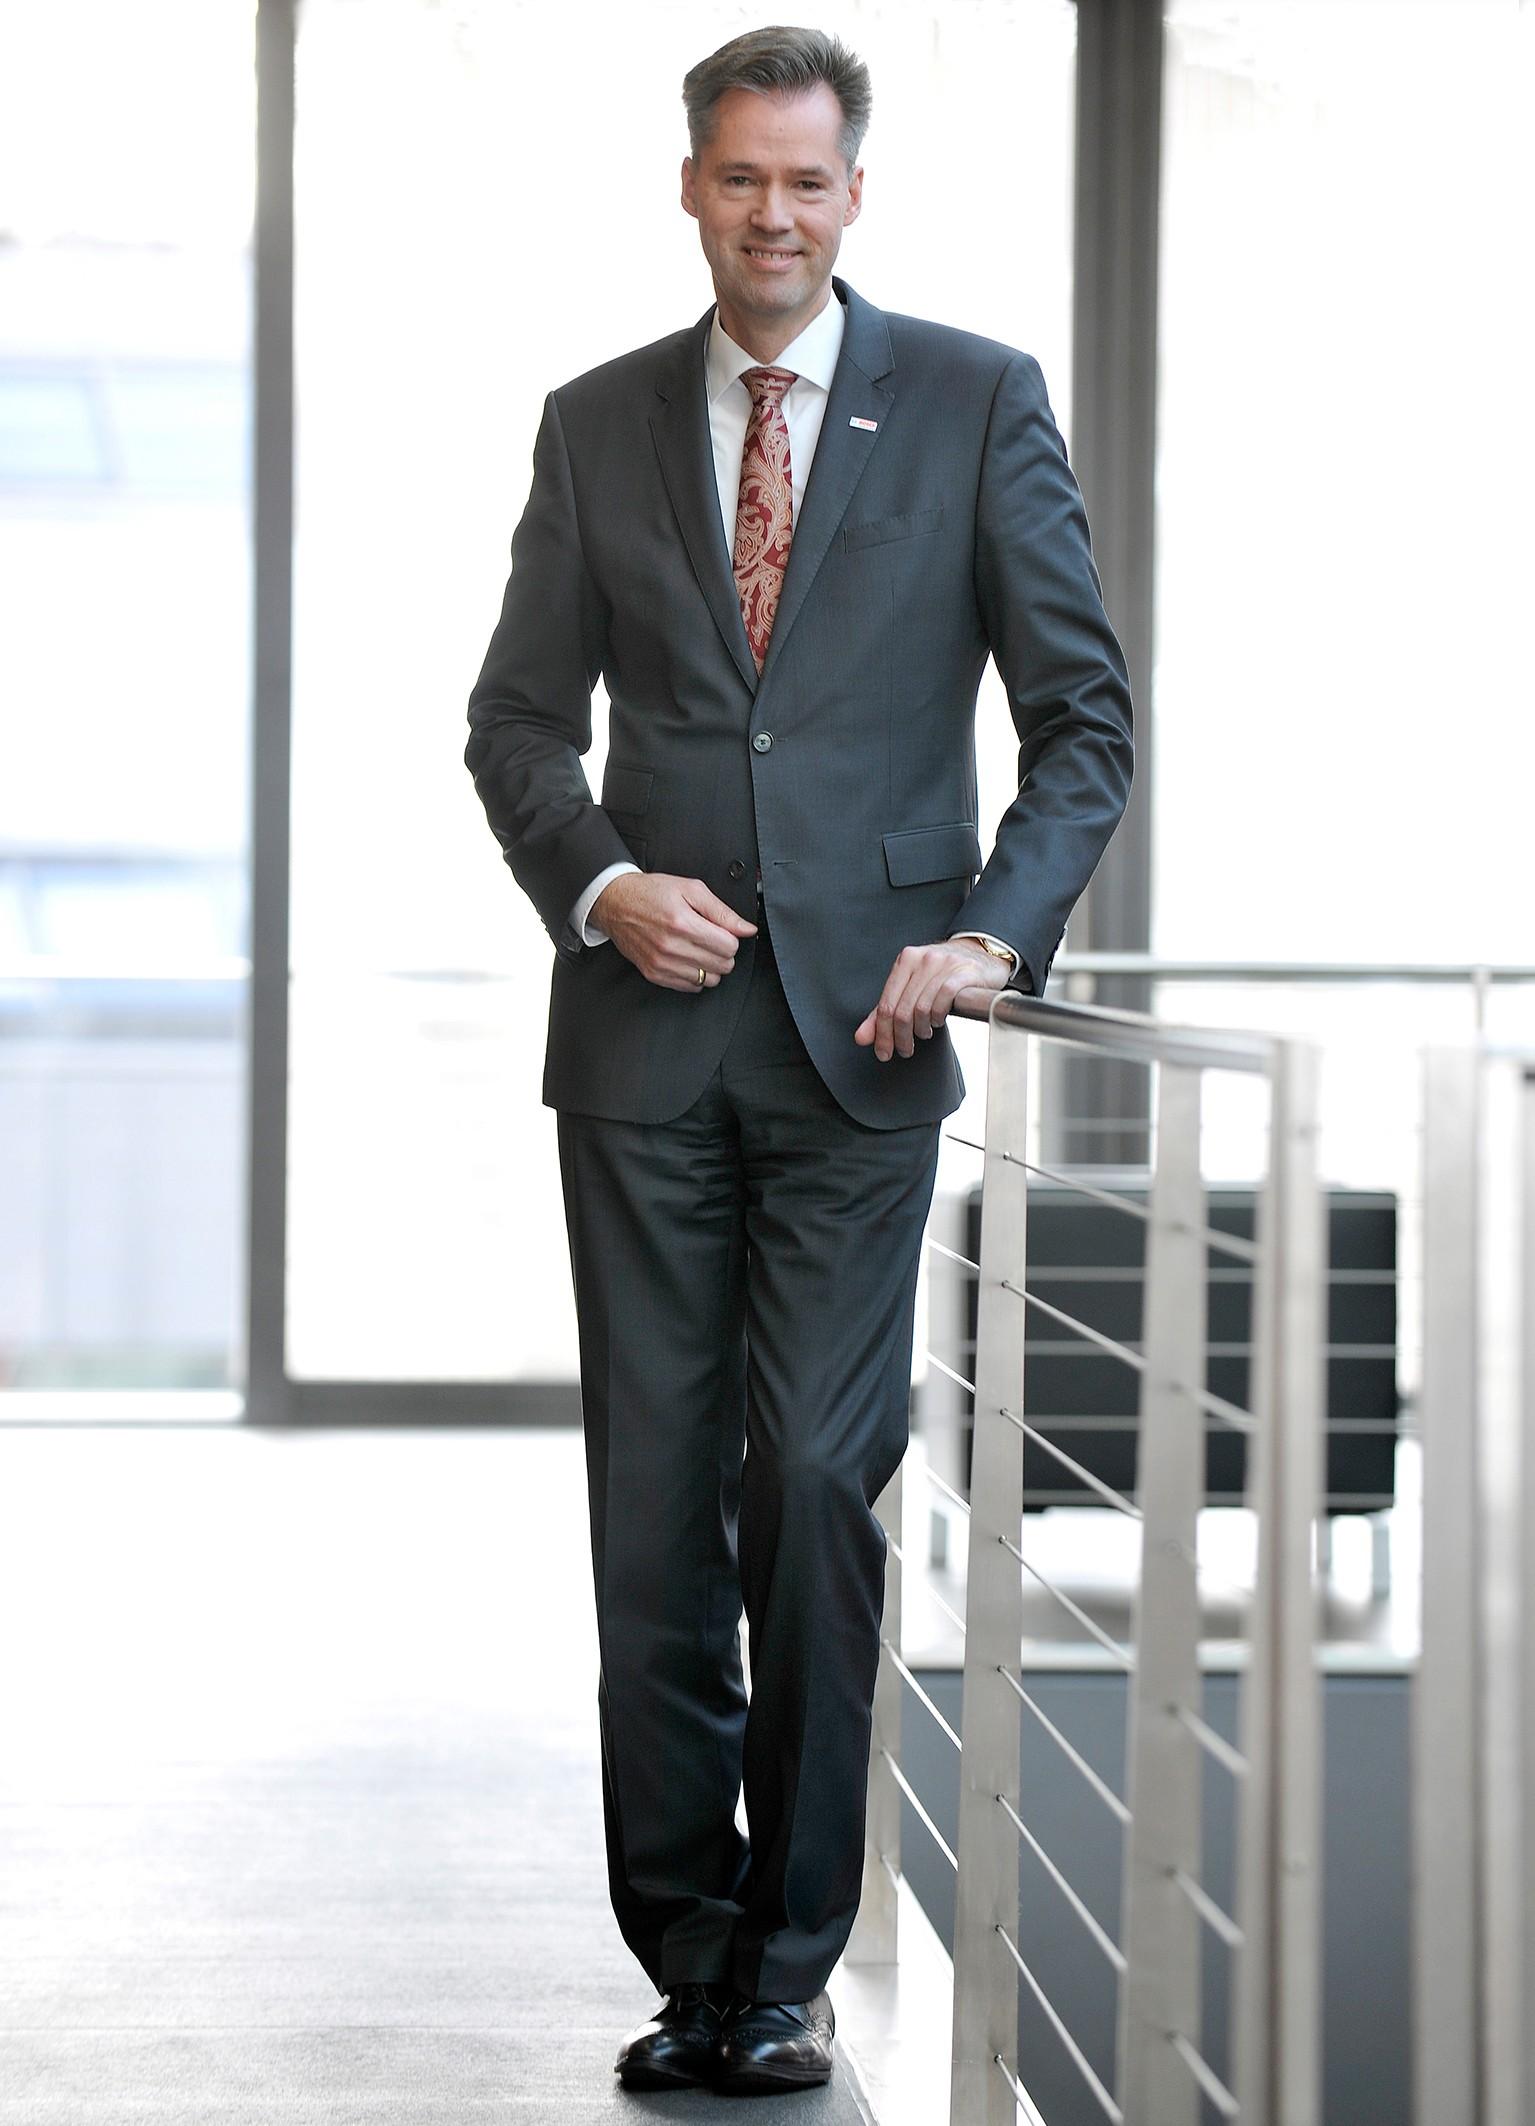 Dr. Markus Heyn